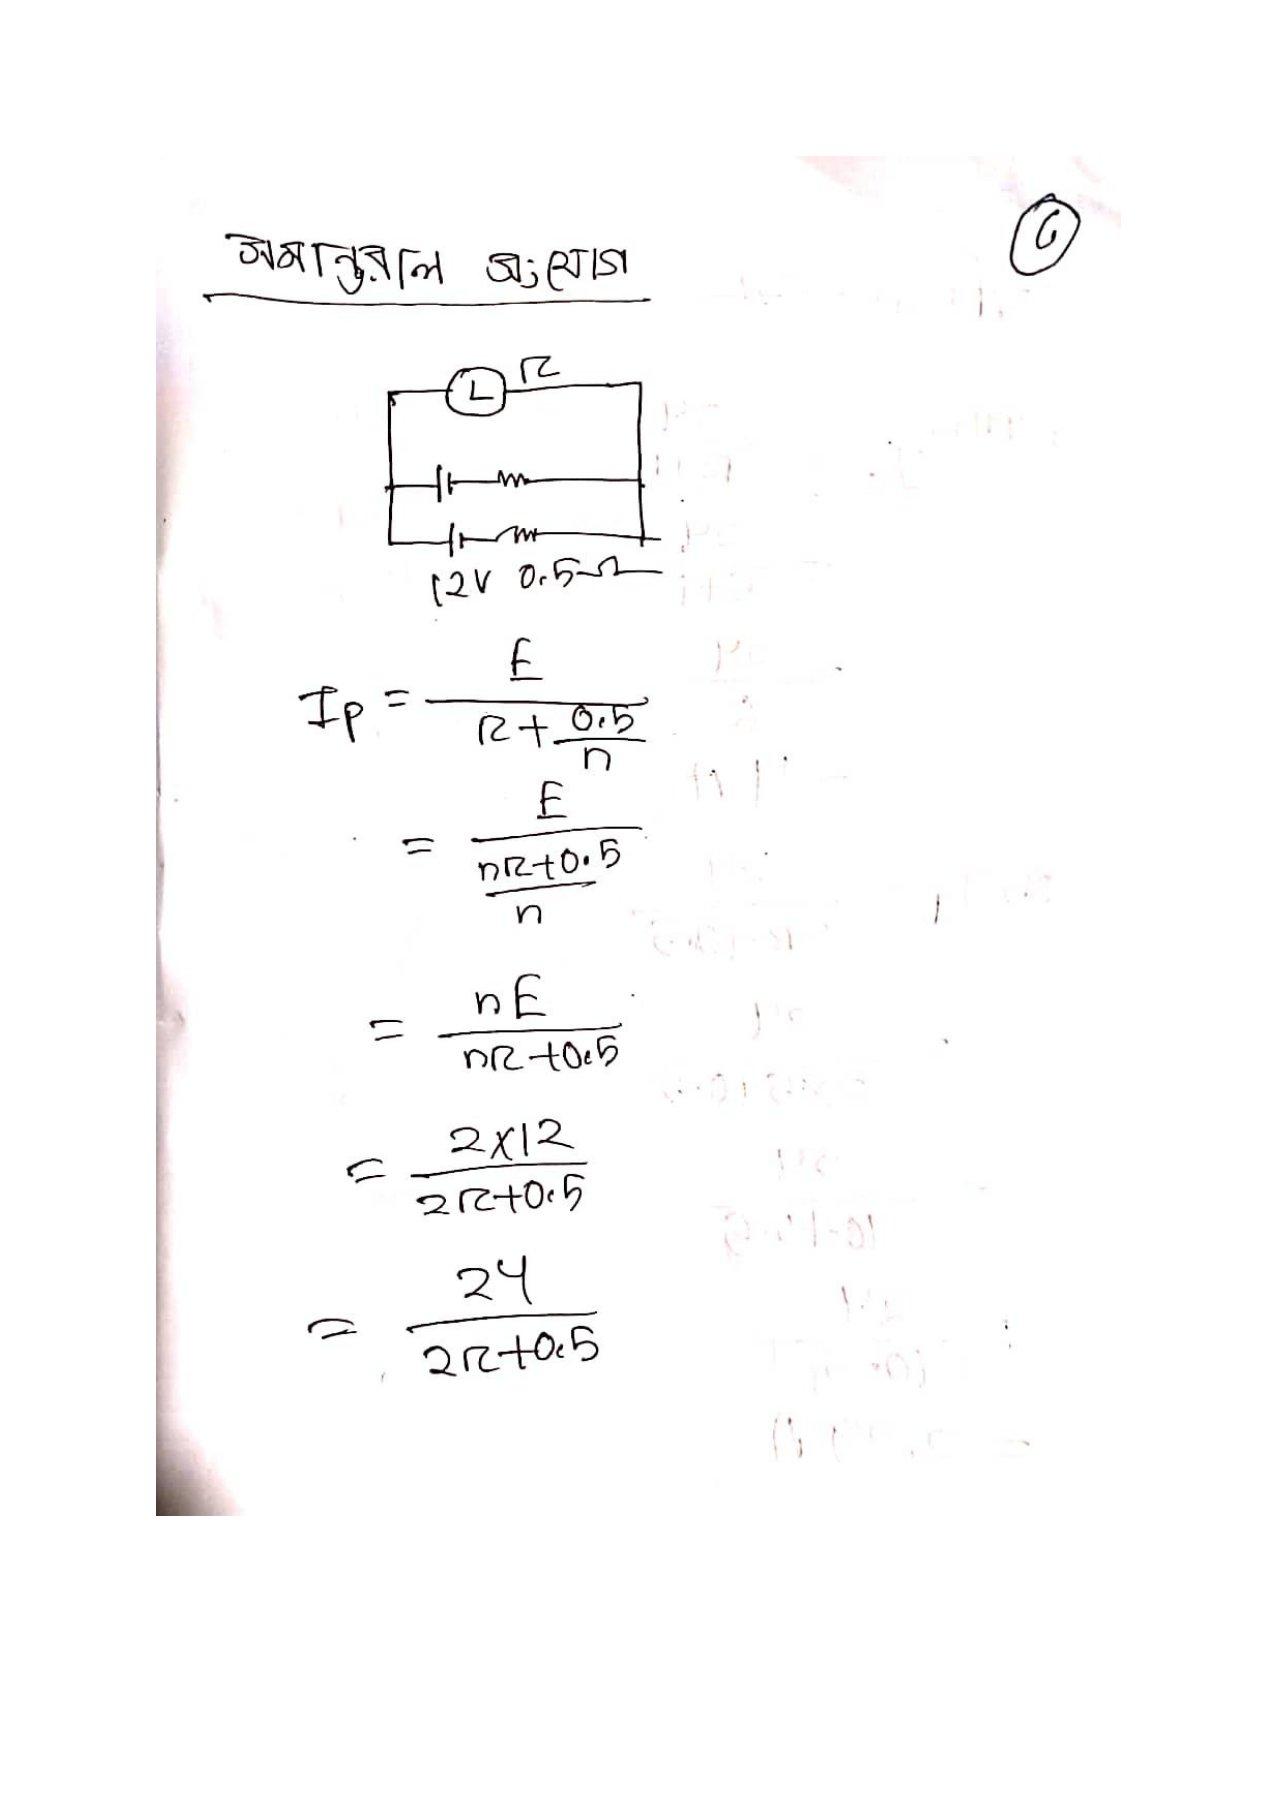 এইচএসসি /আলিম ষষ্ঠ /৬ষ্ঠ সপ্তাহের পদার্থ বিজ্ঞান এসাইনমেন্ট সমাধান উত্তর ২০২১ ( এসাইনমেন্ট ৪) | এইচএসসি /আলিম এসাইনমেন্ট ২০২১ উত্তর/সমাধান পদার্থ বিজ্ঞান ২য় পত্র ( ষষ্ঠ সপ্তাহ)-Hsc/Alim 6th Week Physics Assignment Answer 2021 PDF